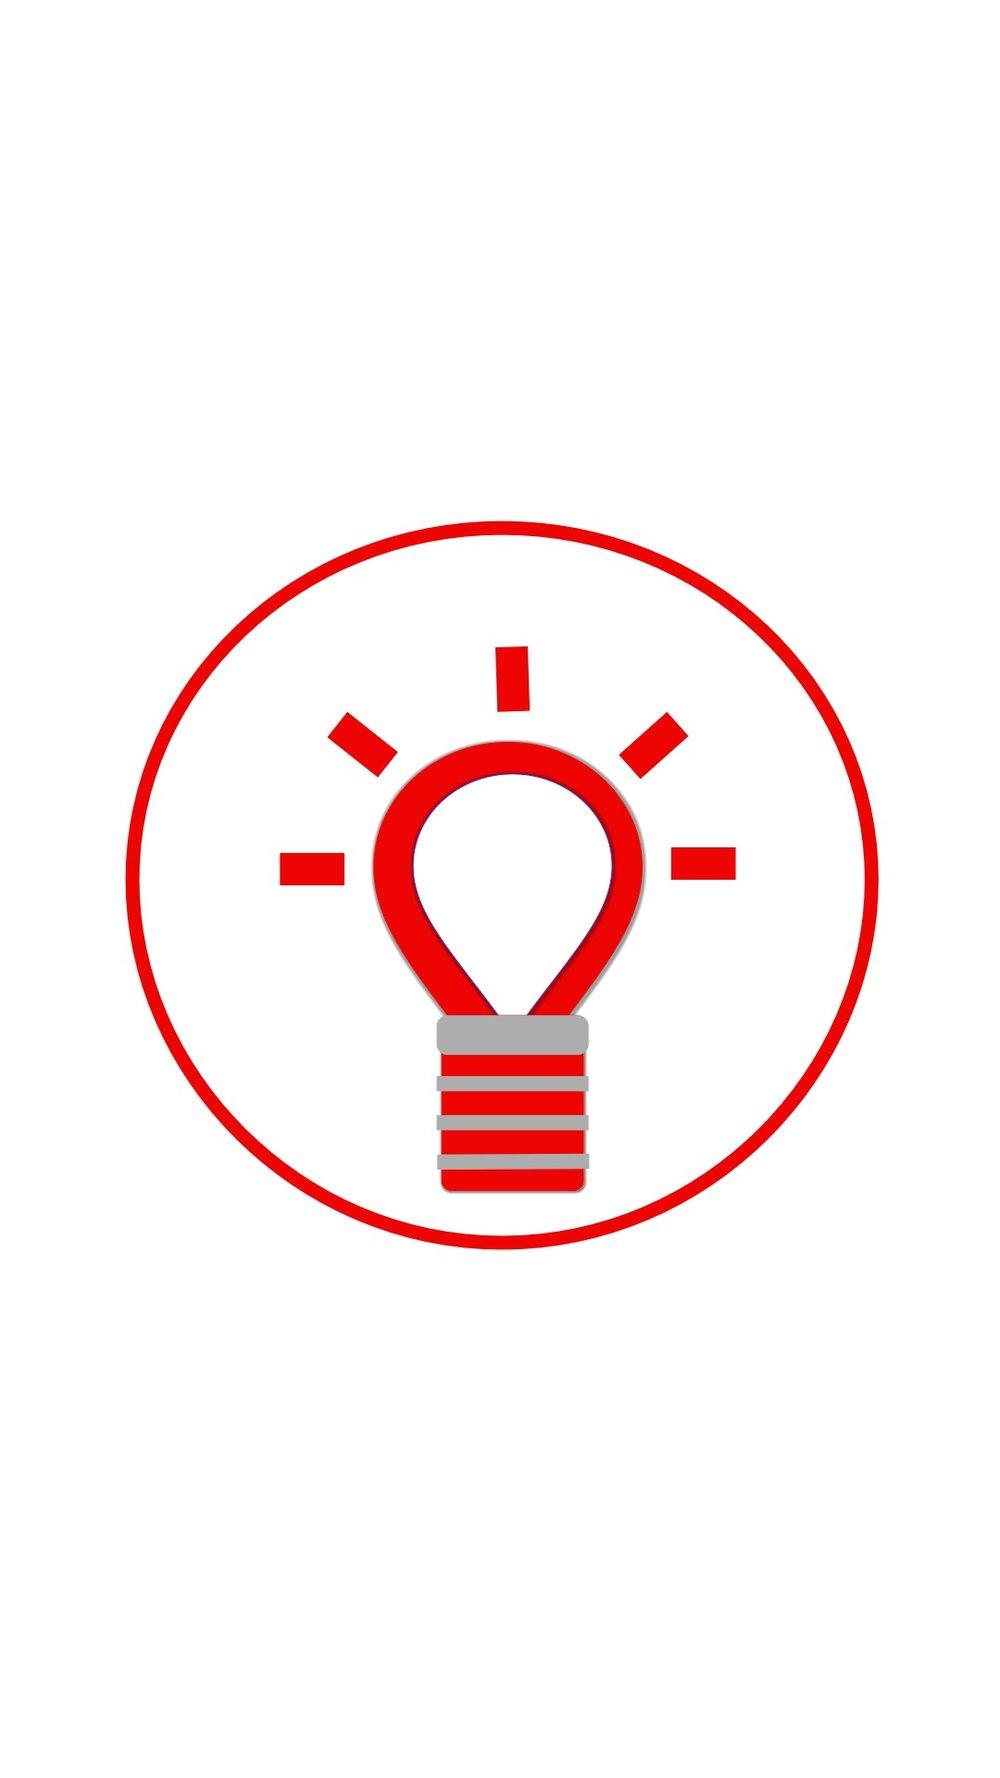 Instagram-cover-lightbulb-red-white-lotnotes.jpg